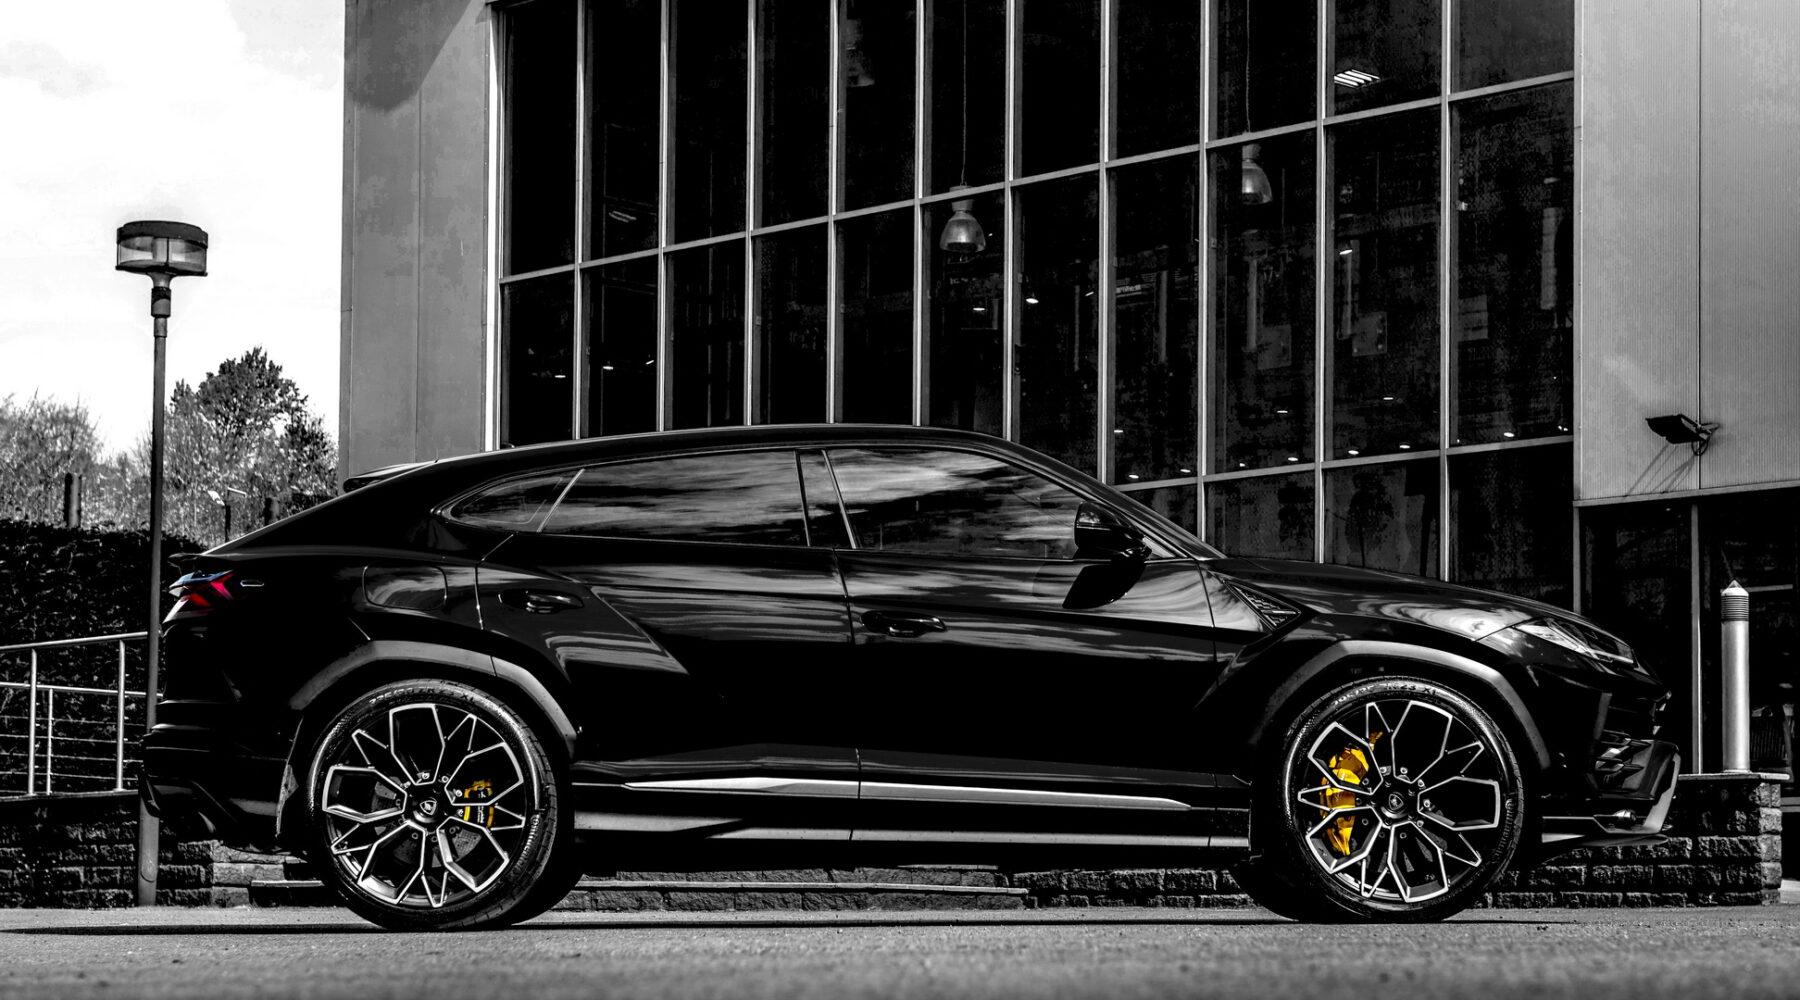 El Siniestro Lamborghini Urus De Wheelsandmore Suma Hasta 158 Cv Y 122 Nm A La Ecuacion